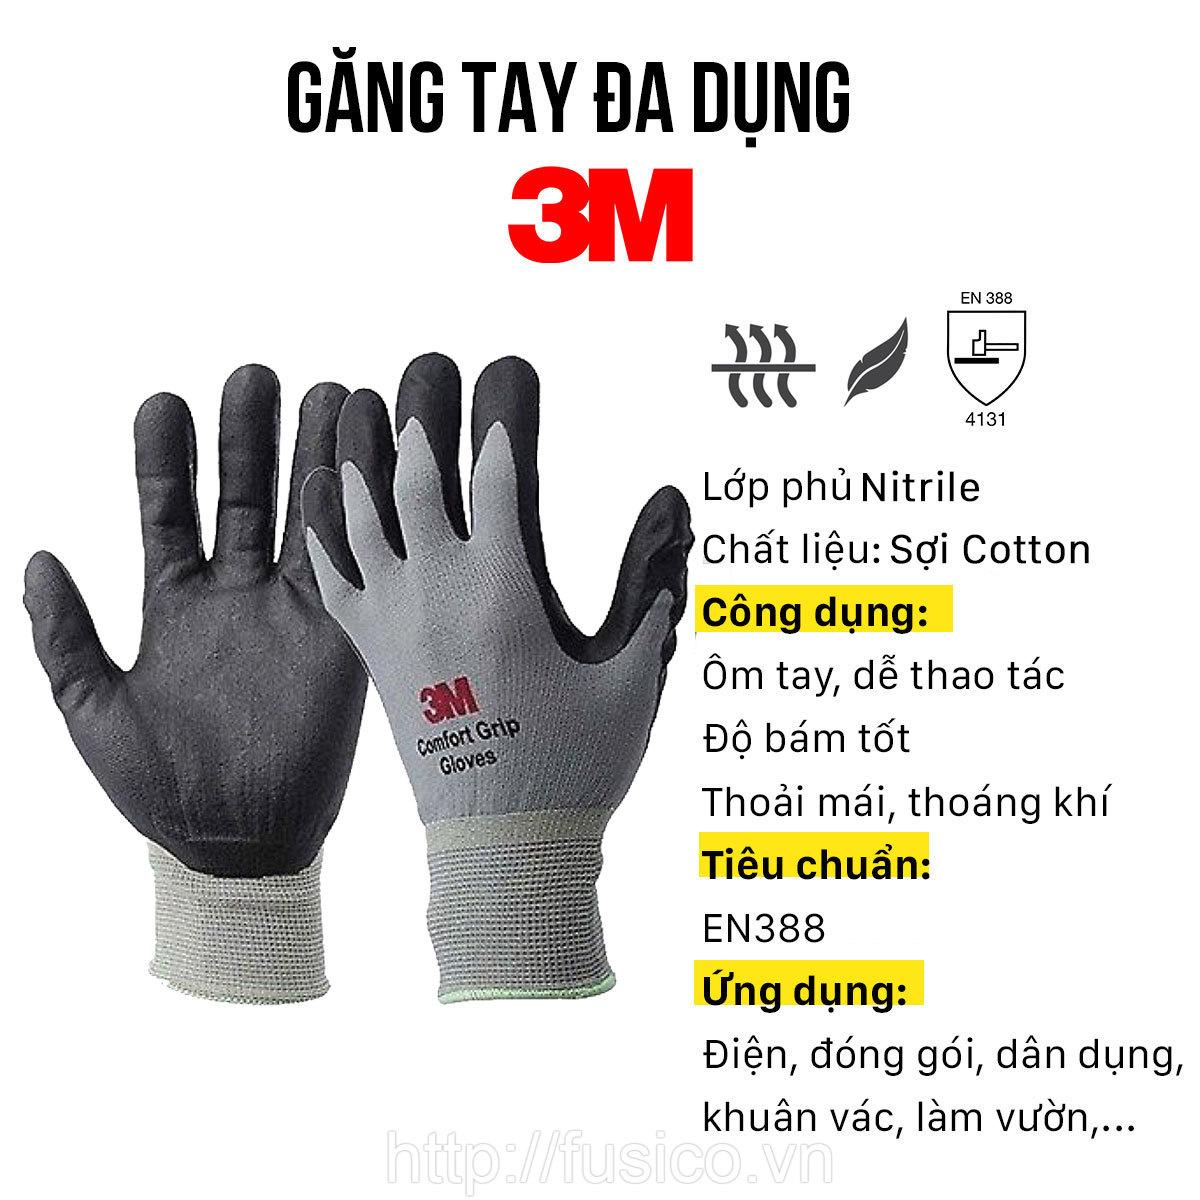 Cấu tạo găng tay đa dụng 3M